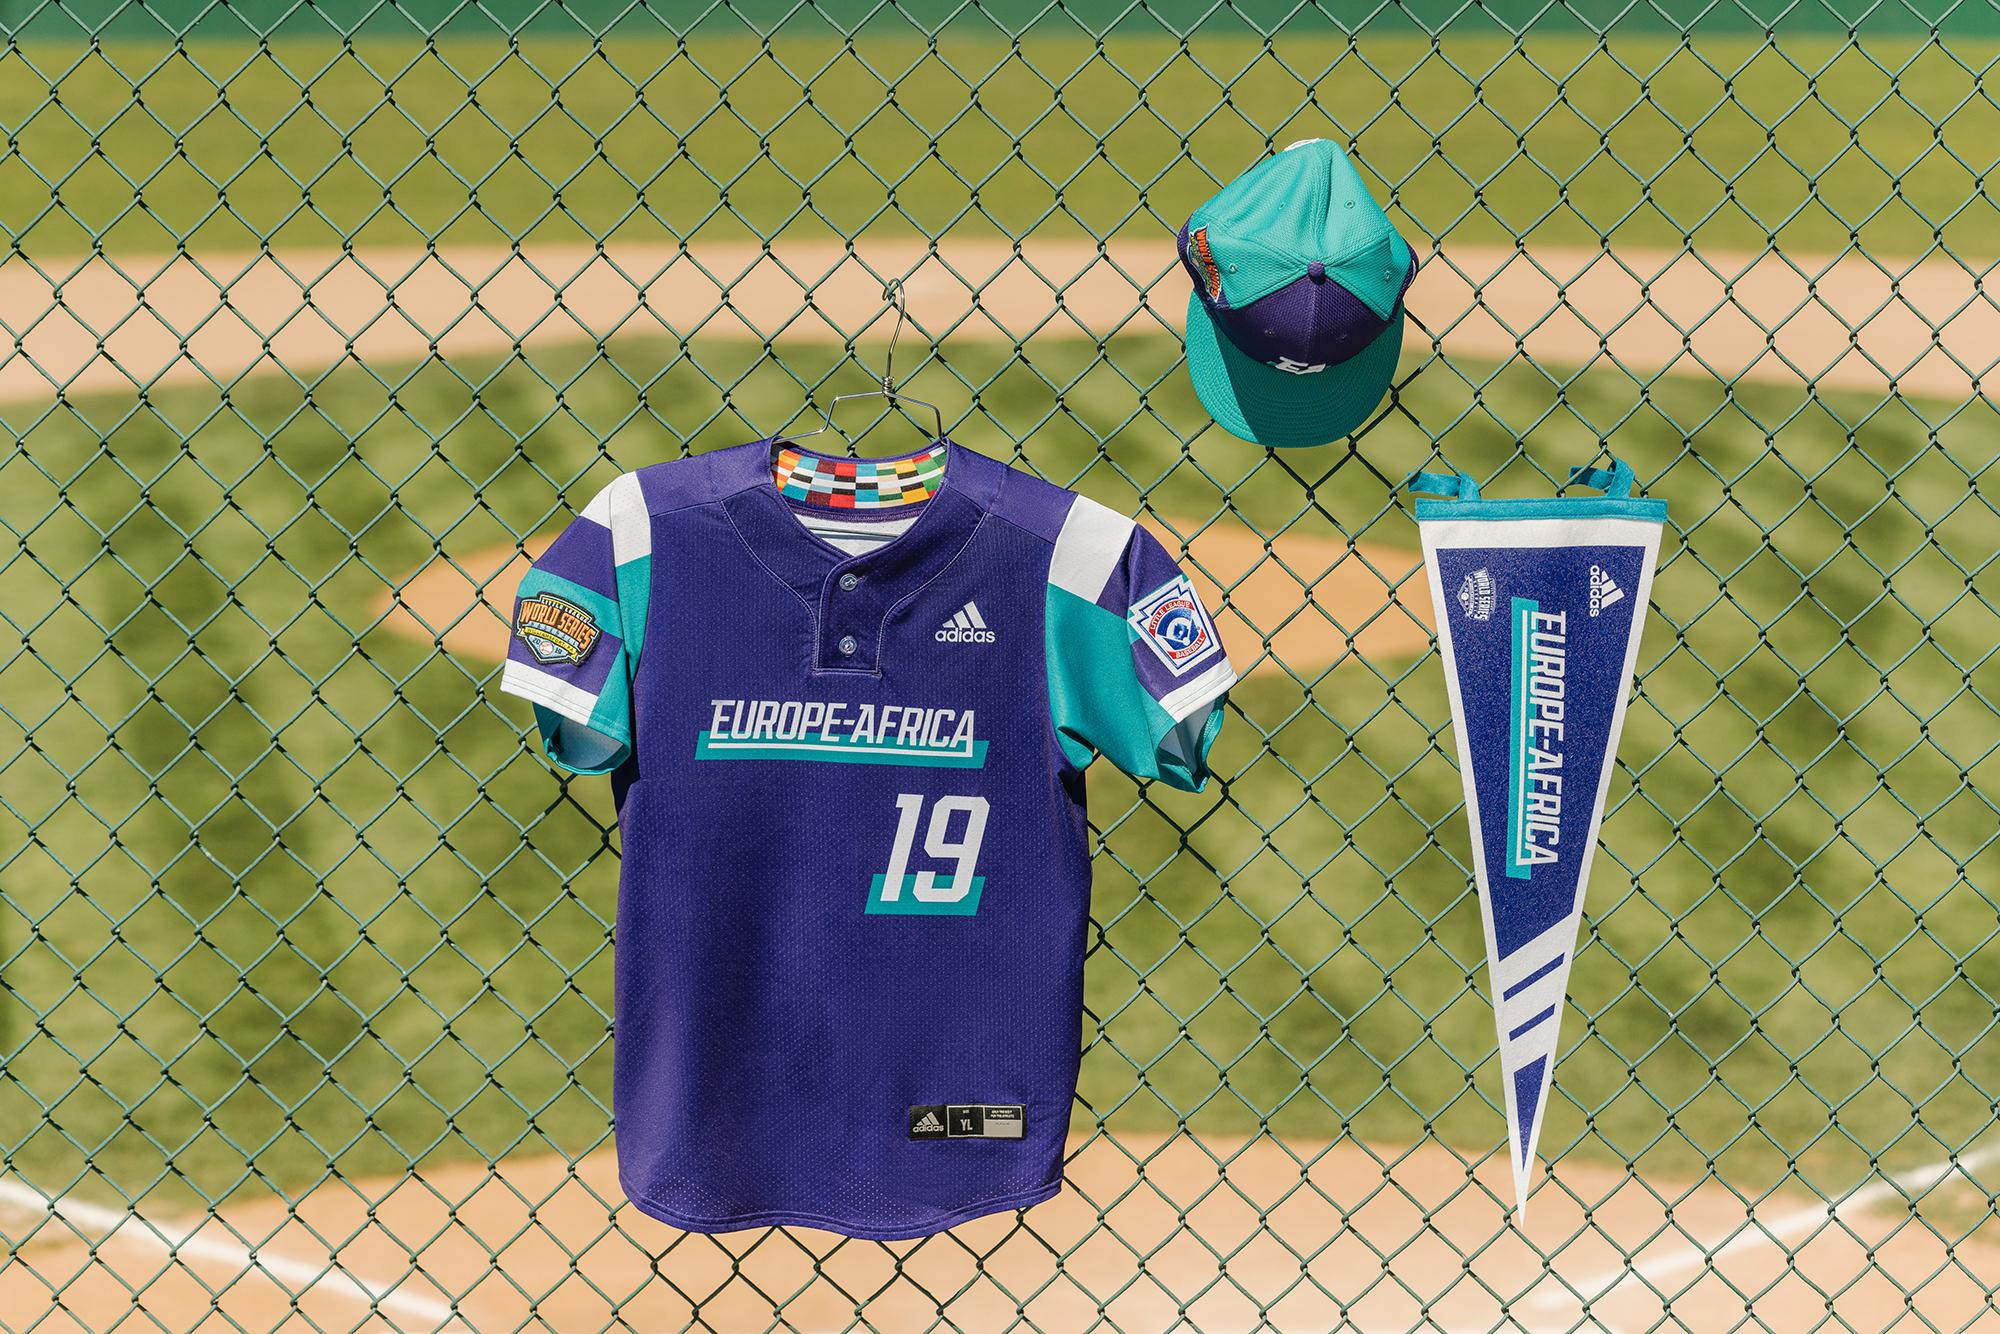 2019 Little League Baseball & Softball World Series Uniforms